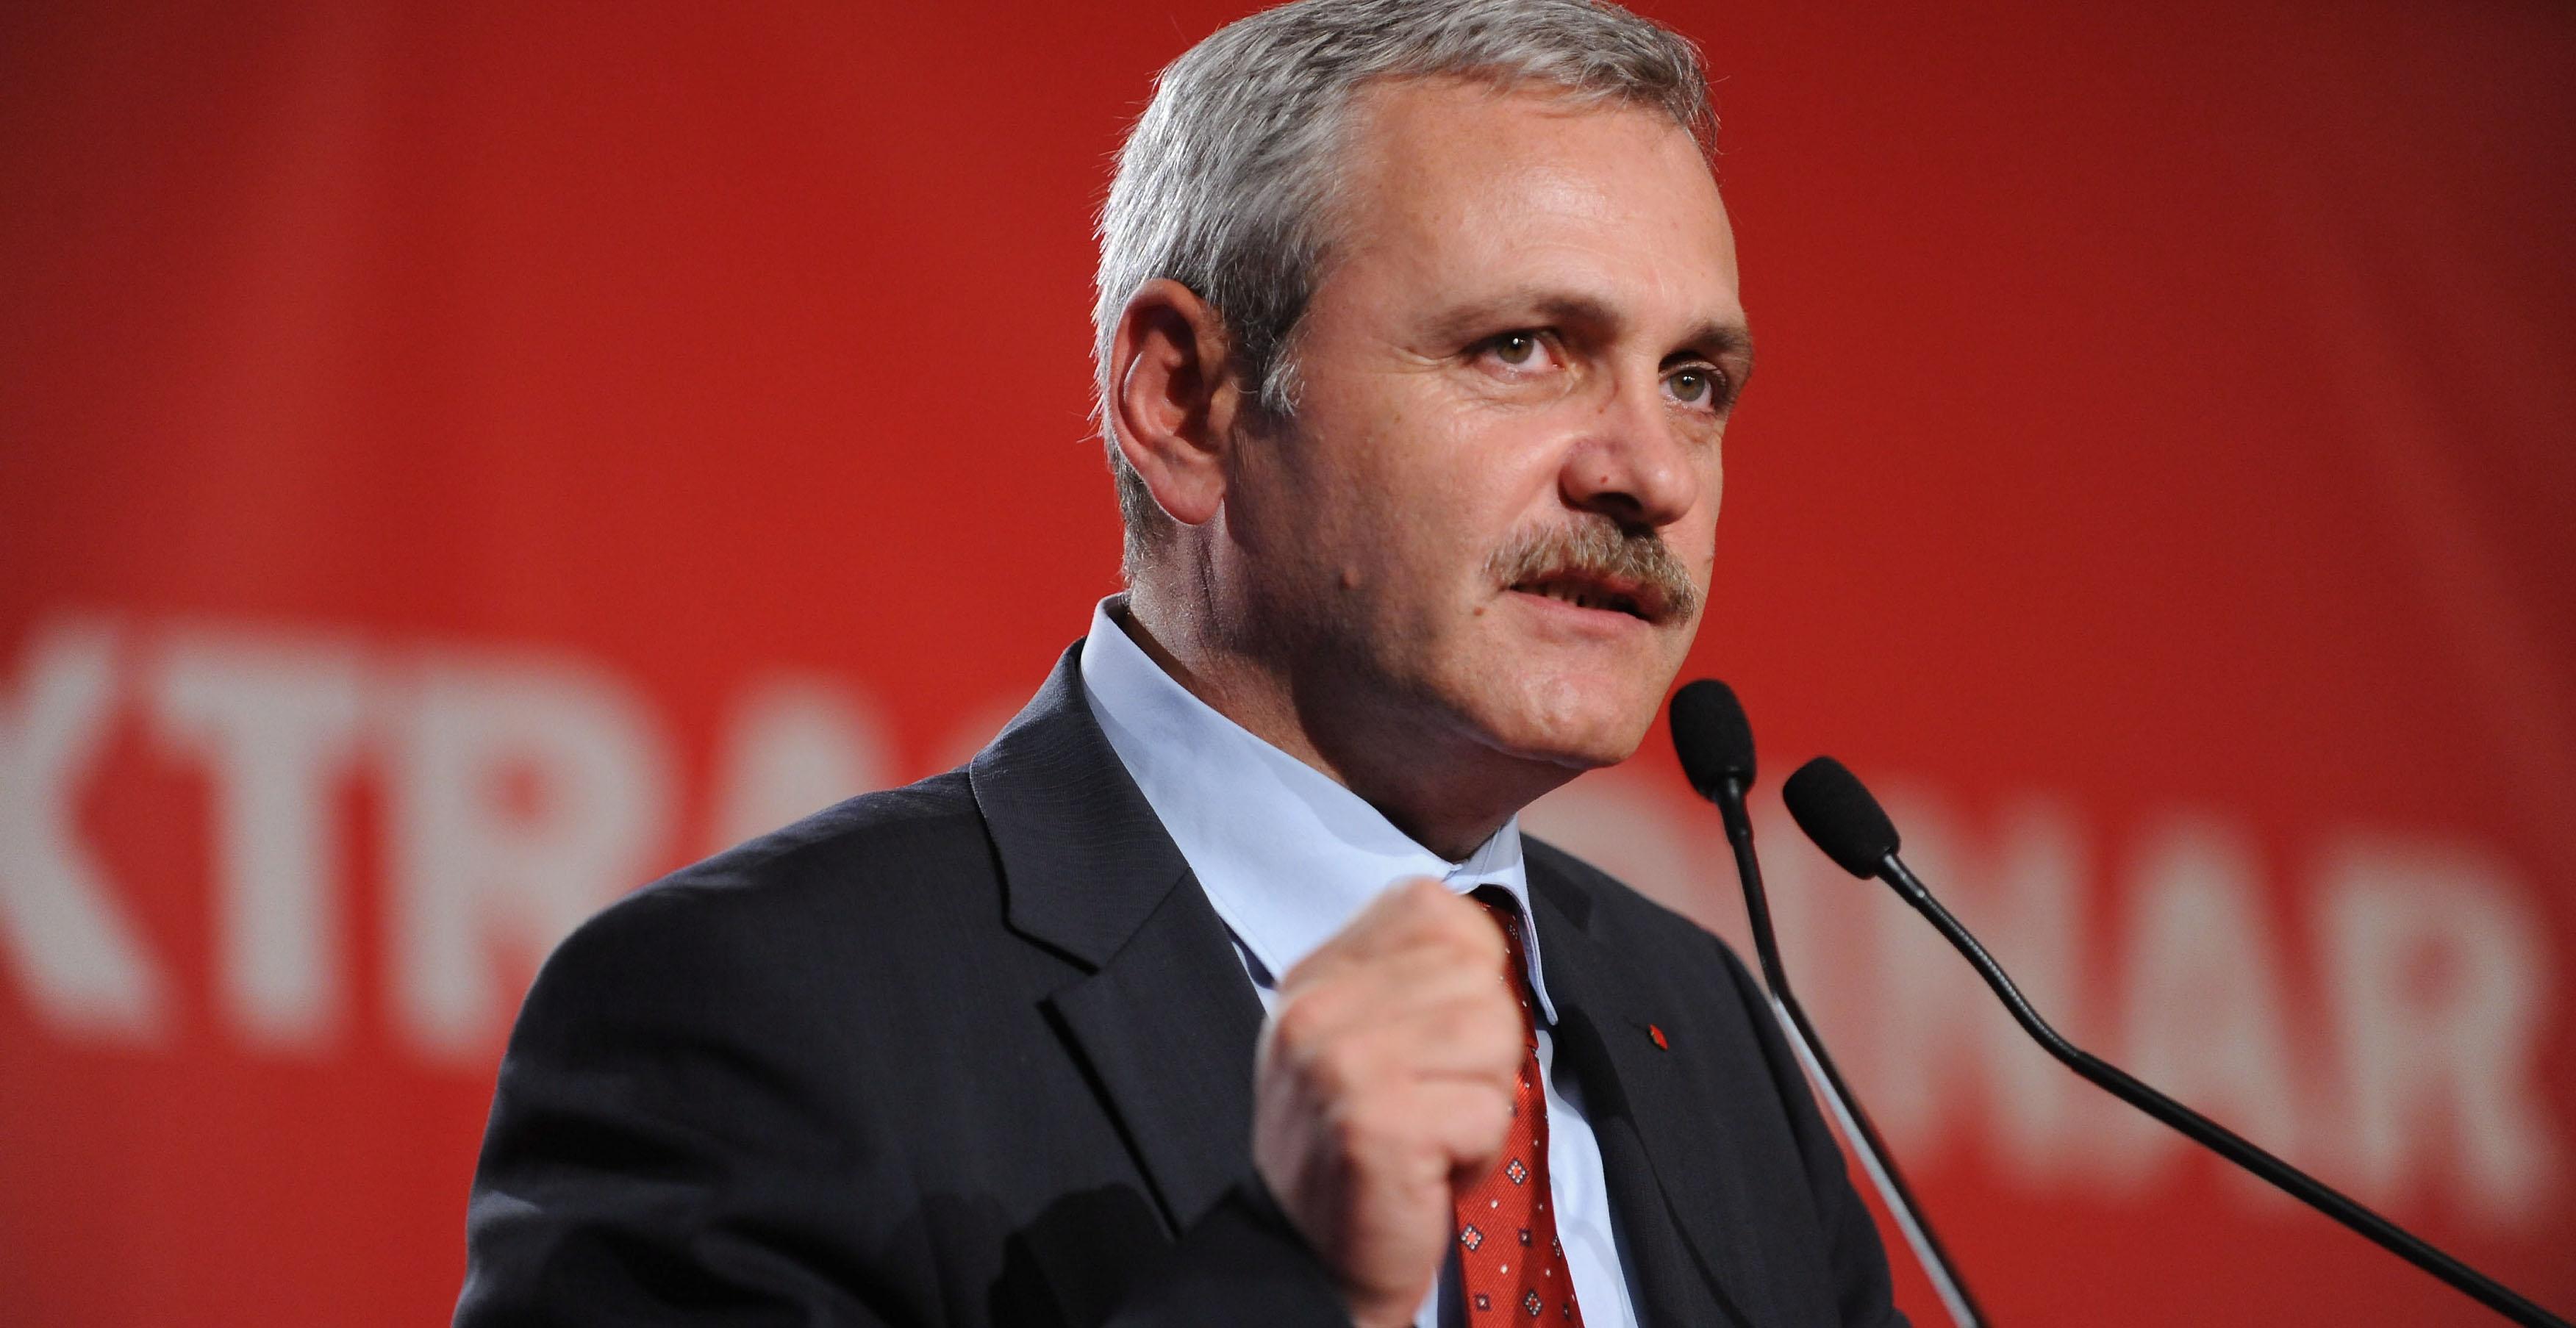 Liviu-Dragnea-simbolul-absolutismului-PSD-pe-scena-politică-românească